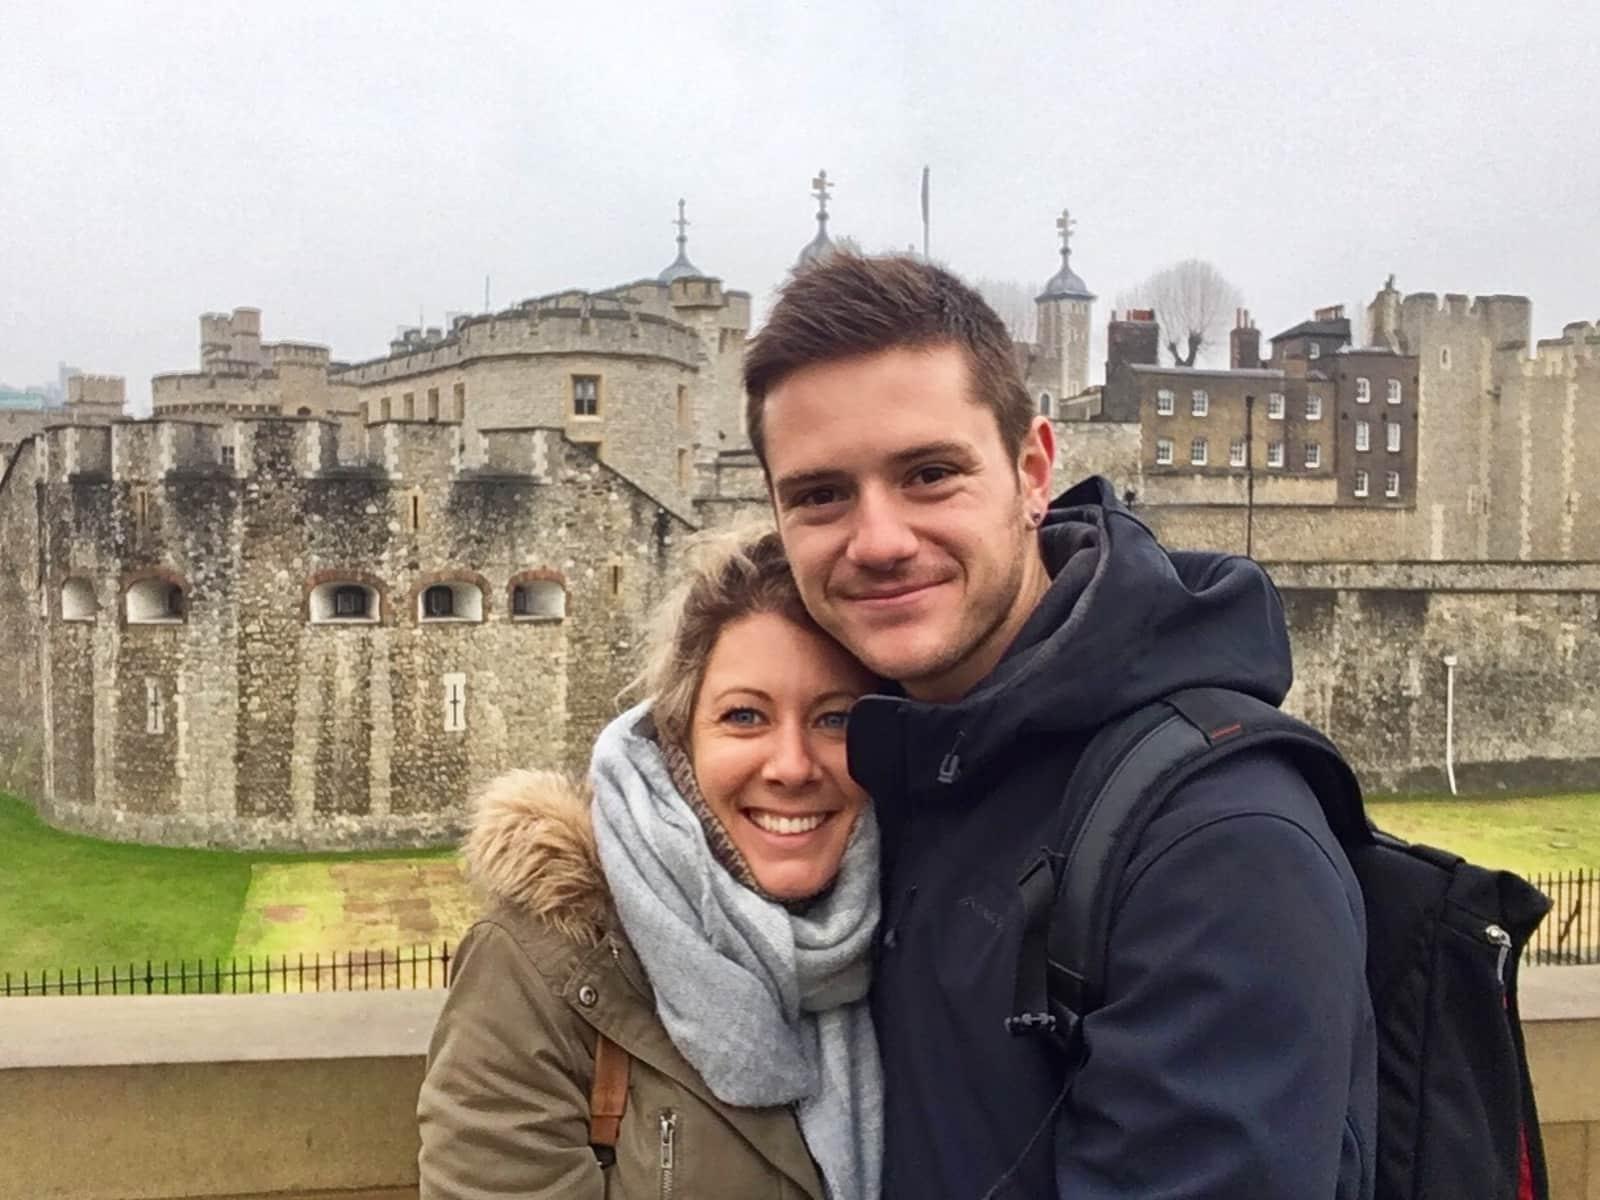 Karina & Ryan from Colchester, United Kingdom